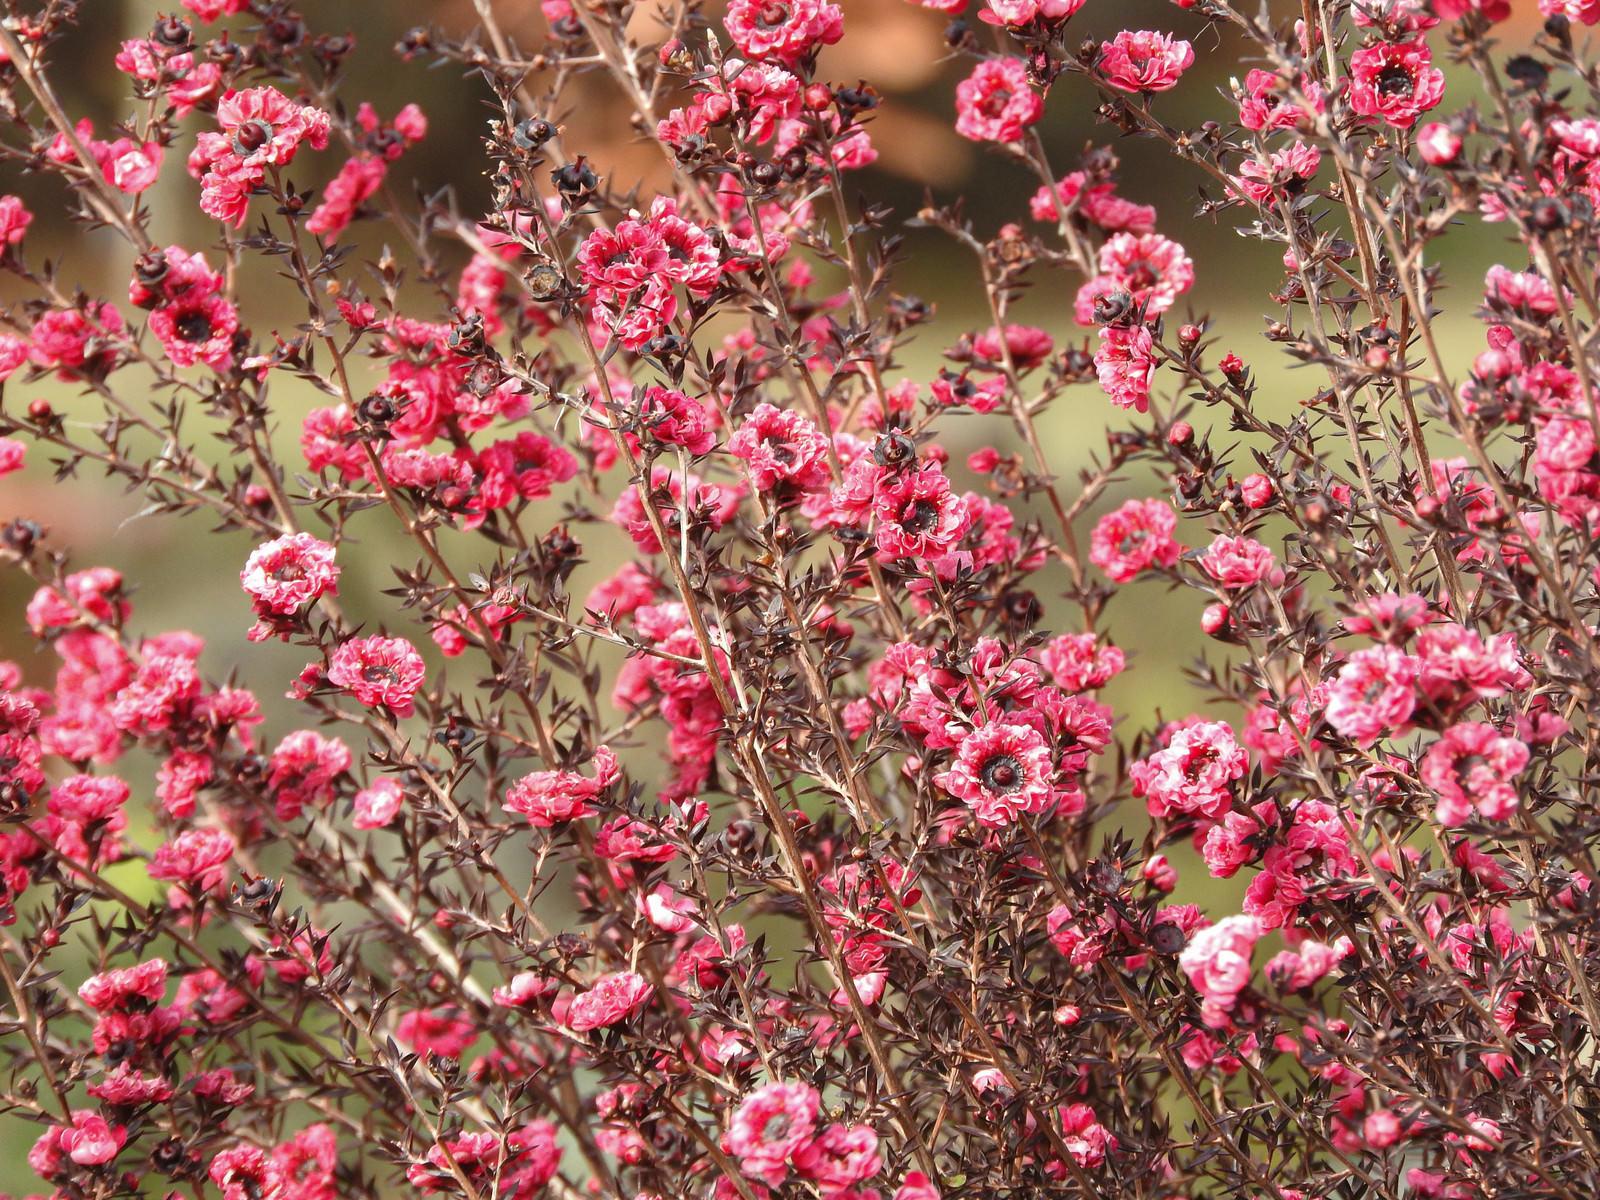 「桃色の花(ギョリュウバイ)」の写真